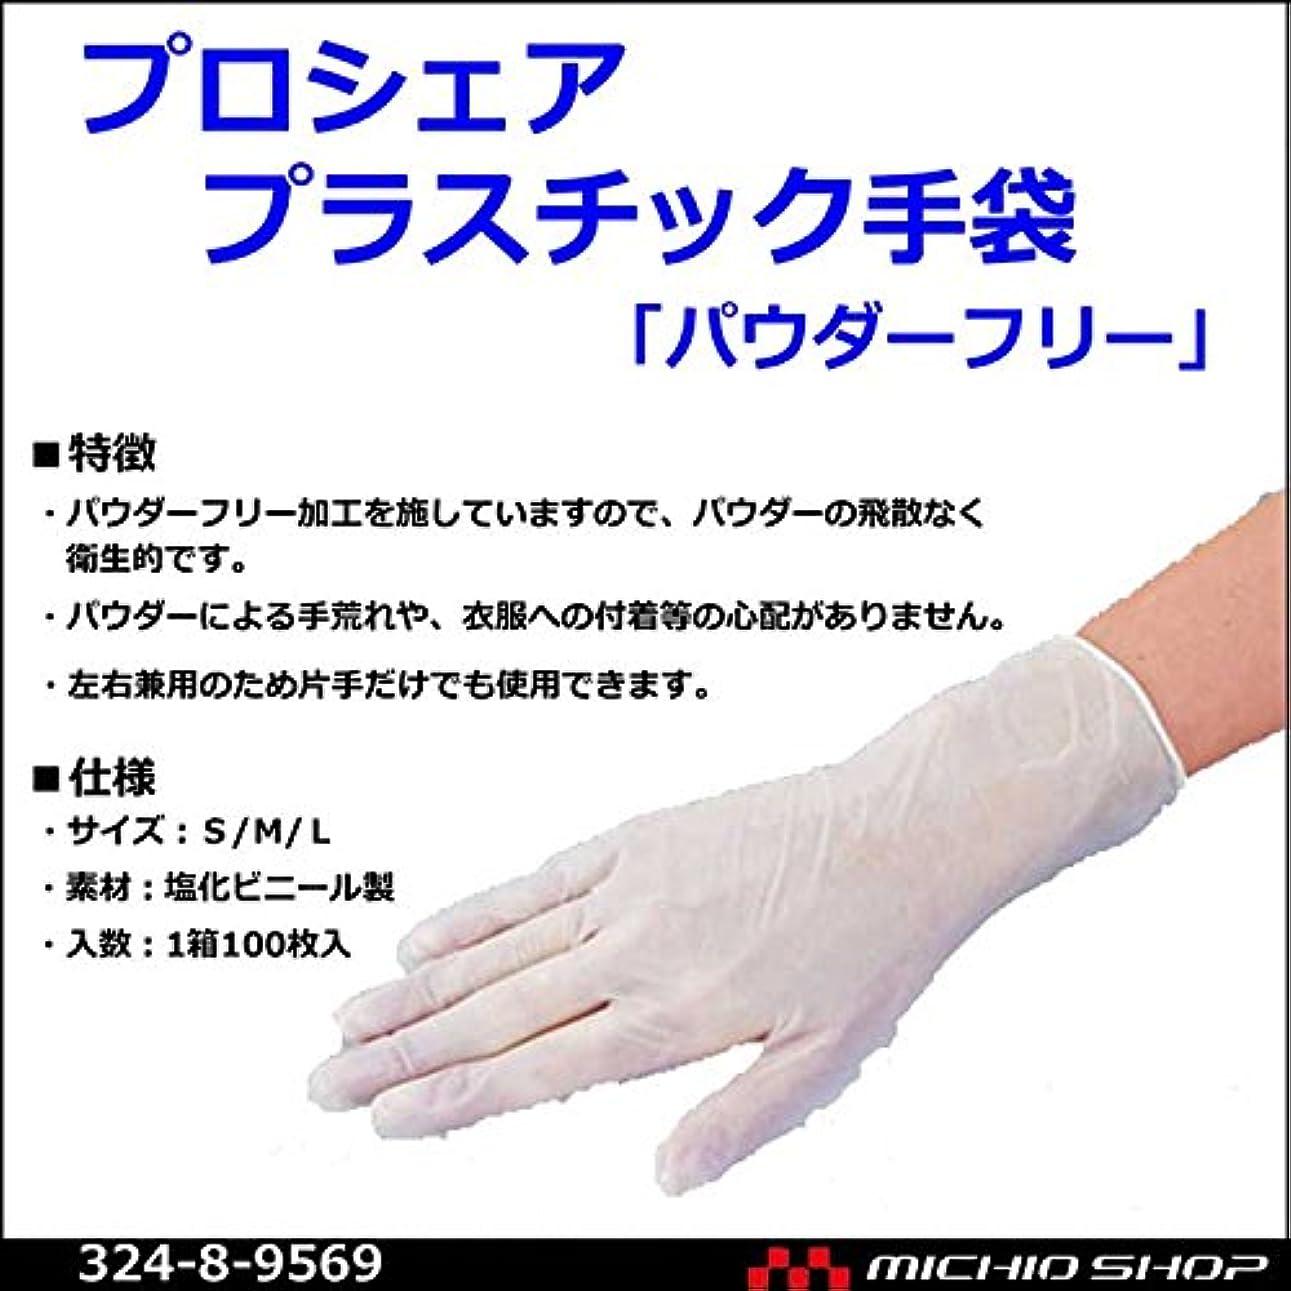 従う脇にリーチアズワン プロシェアプラスチック手袋 100枚入 8-9569 02 M